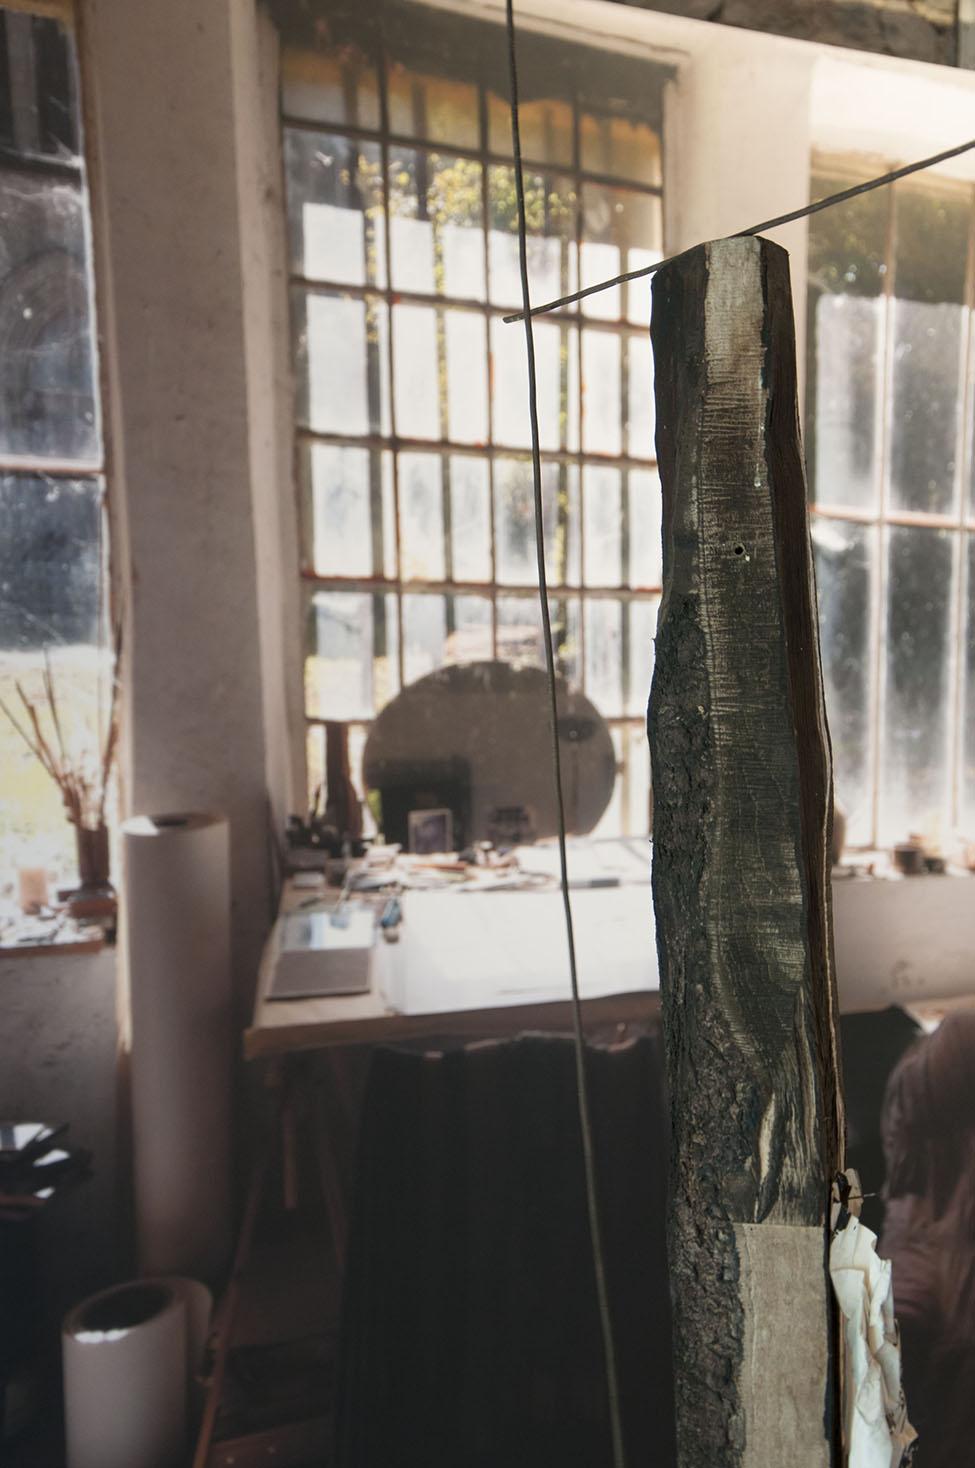 exposition Jean-Bernard Butin, ferme flagey, doubs